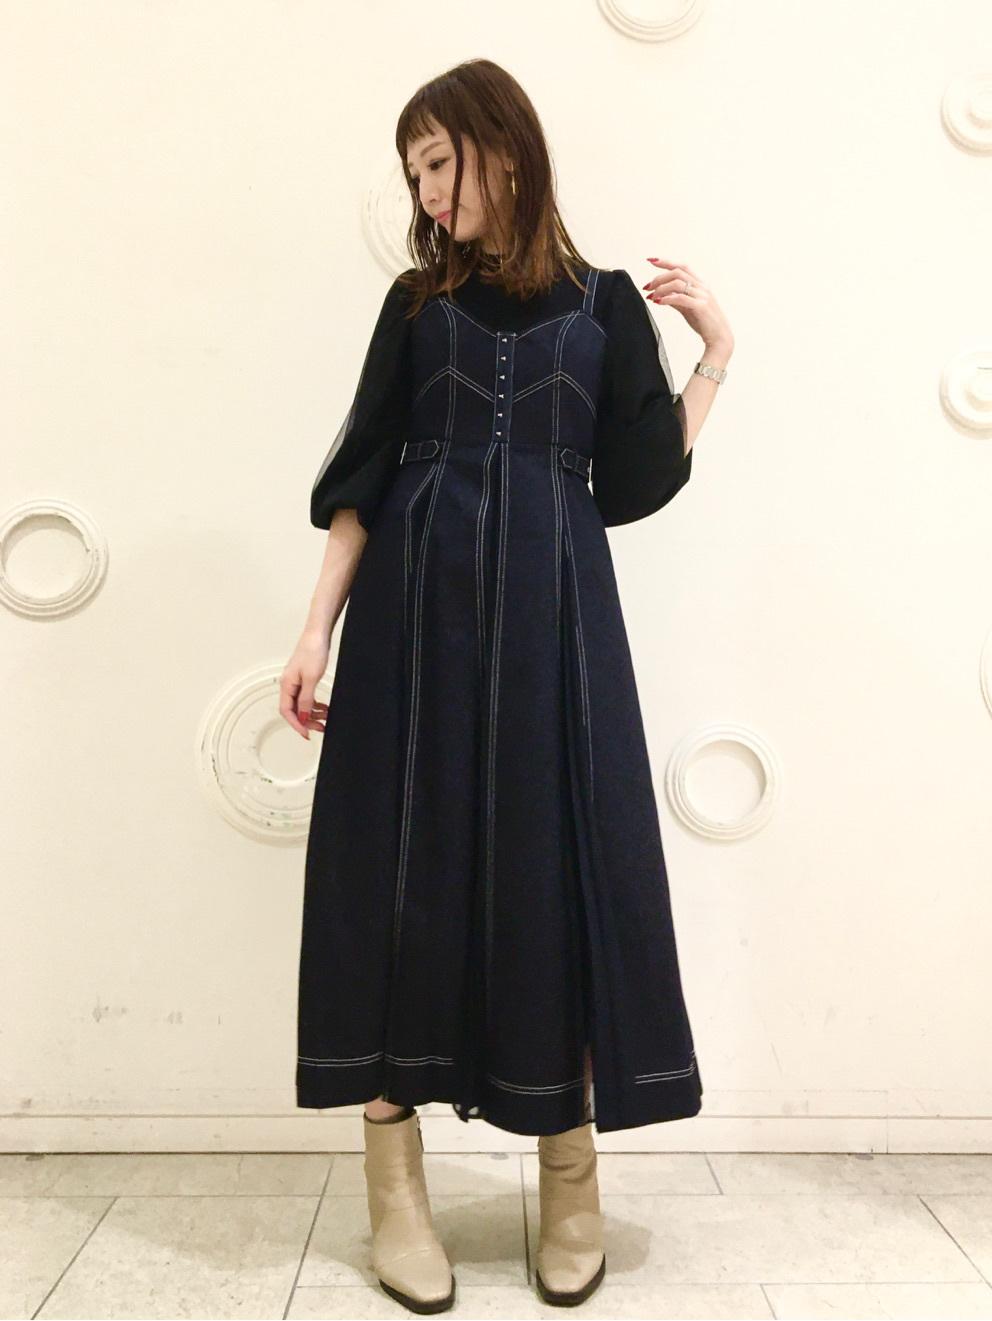 murata (158cm)